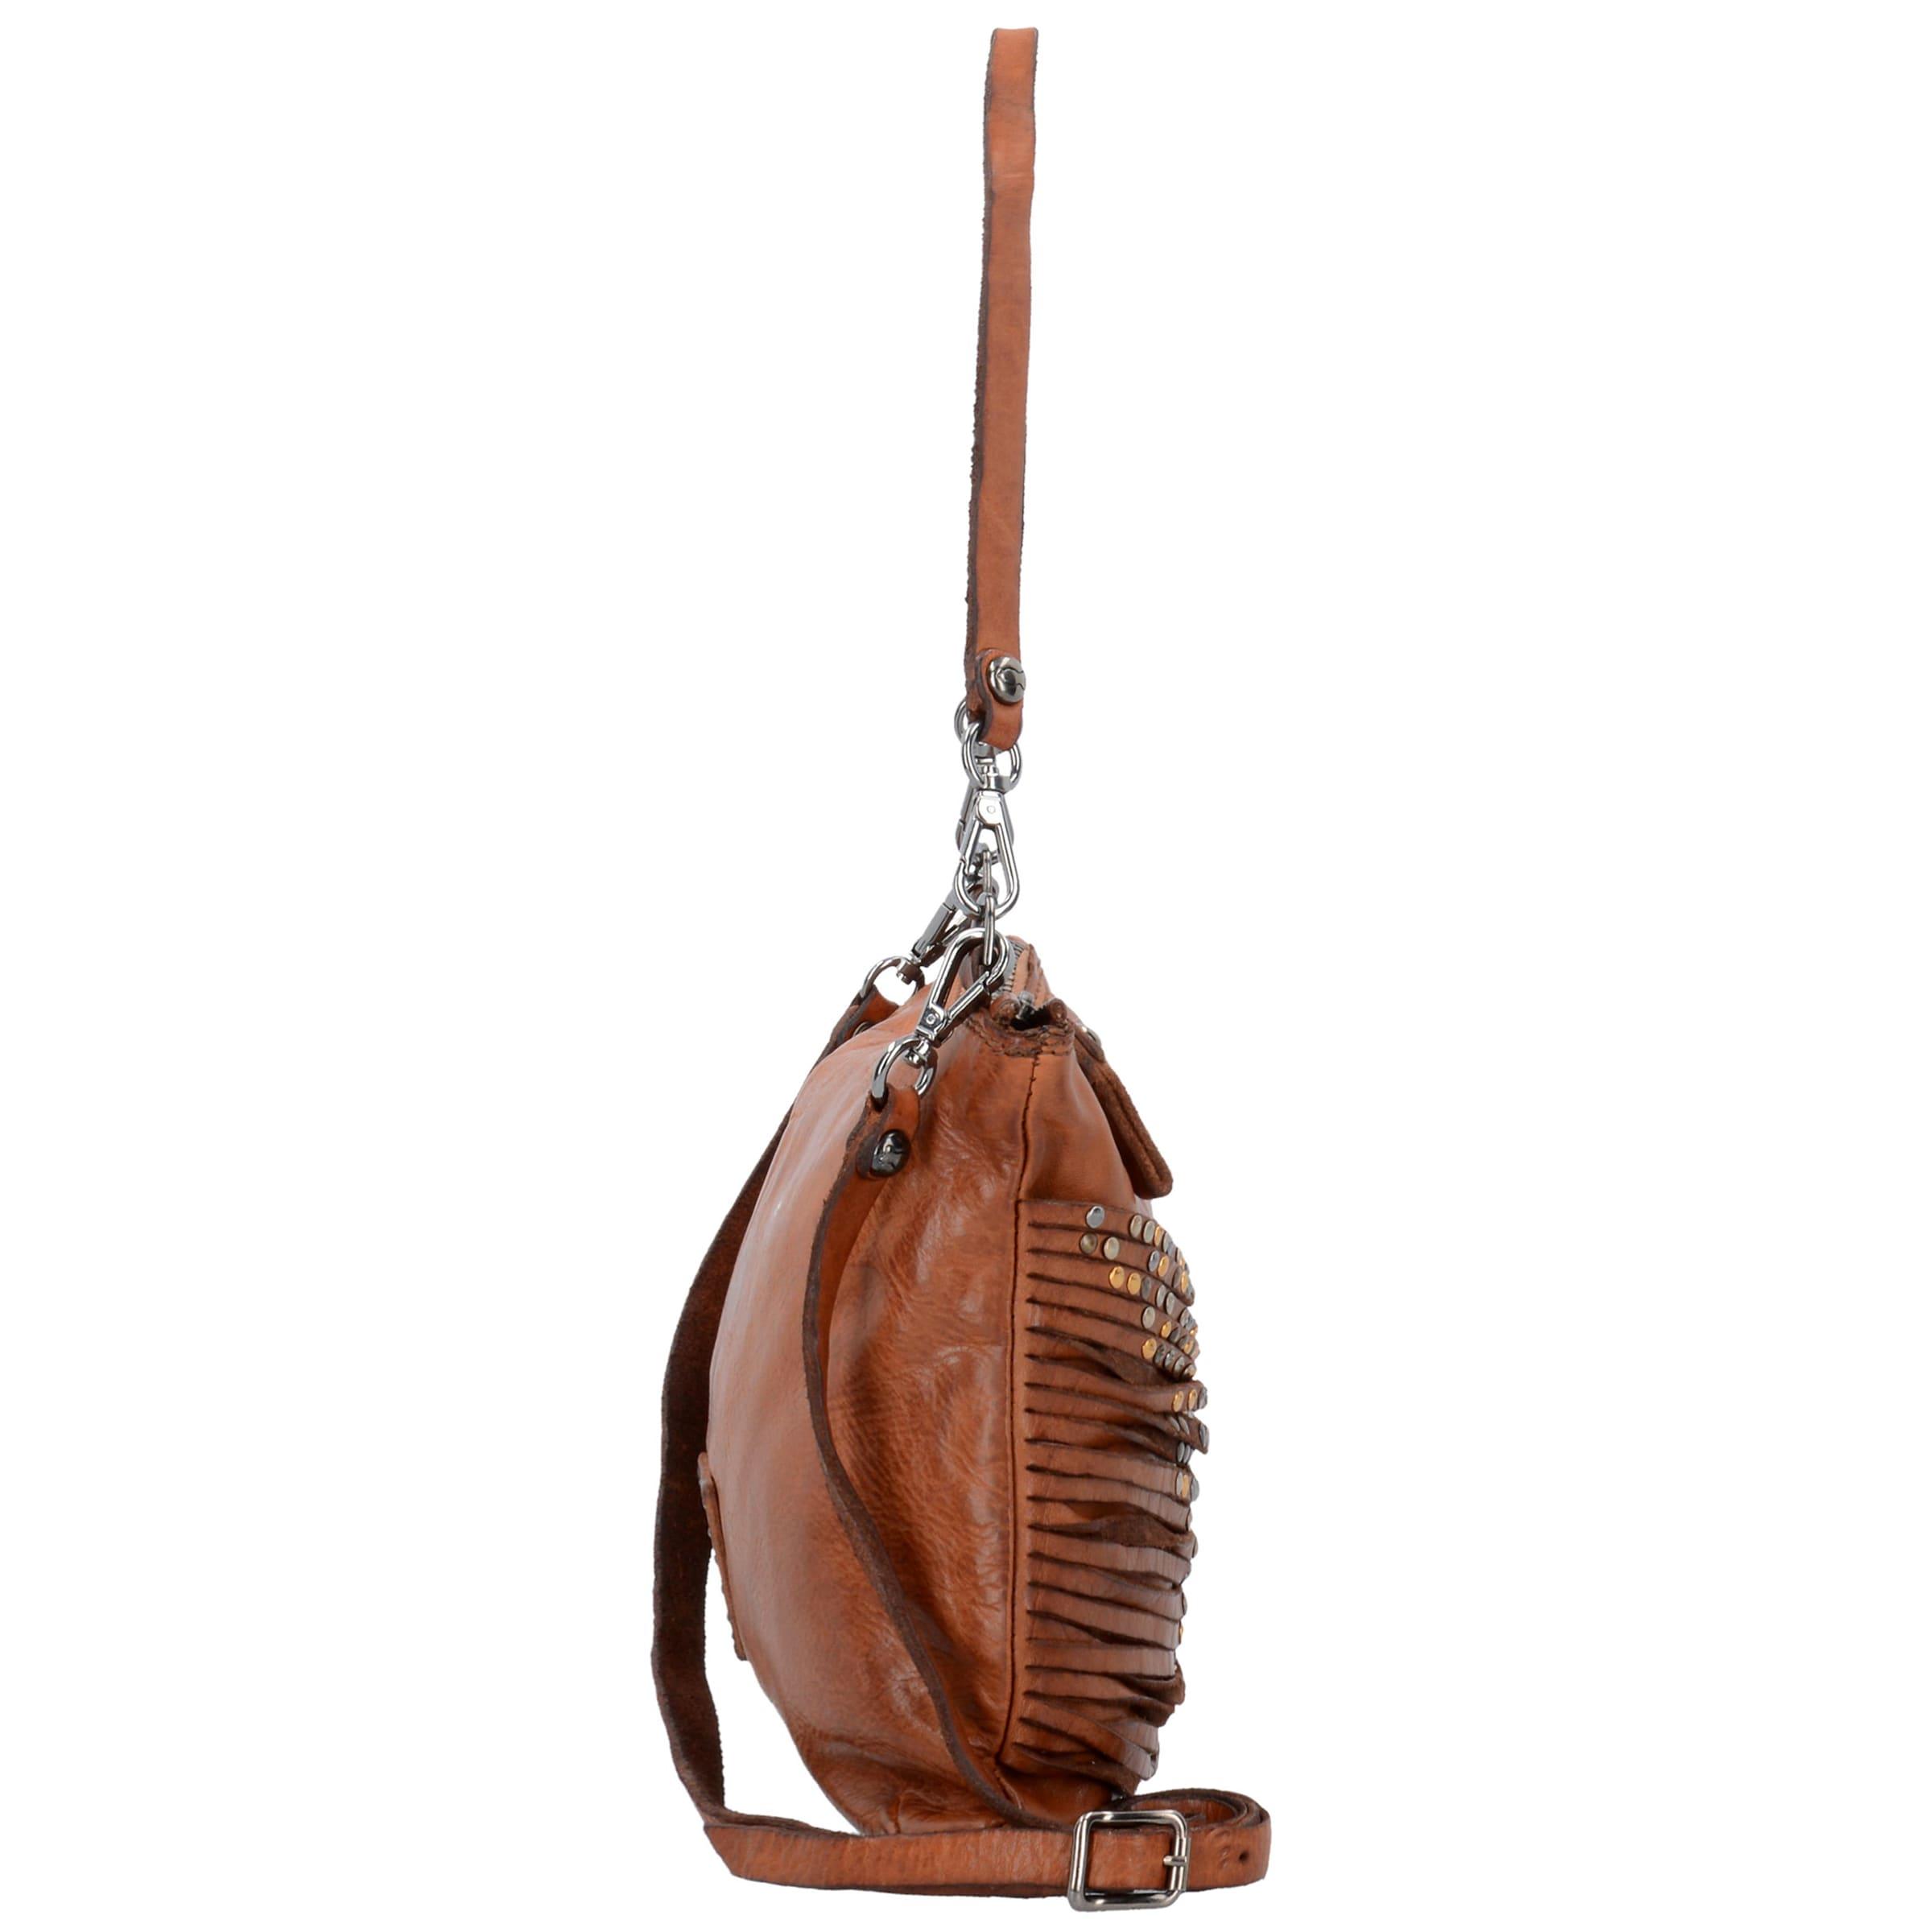 Steckdose Mit Master Liefern Online Campomaggi 'Bucaneve' Schultertasche Leder 28 cm Billig Verkauf Angebote Spielraum 2seKT